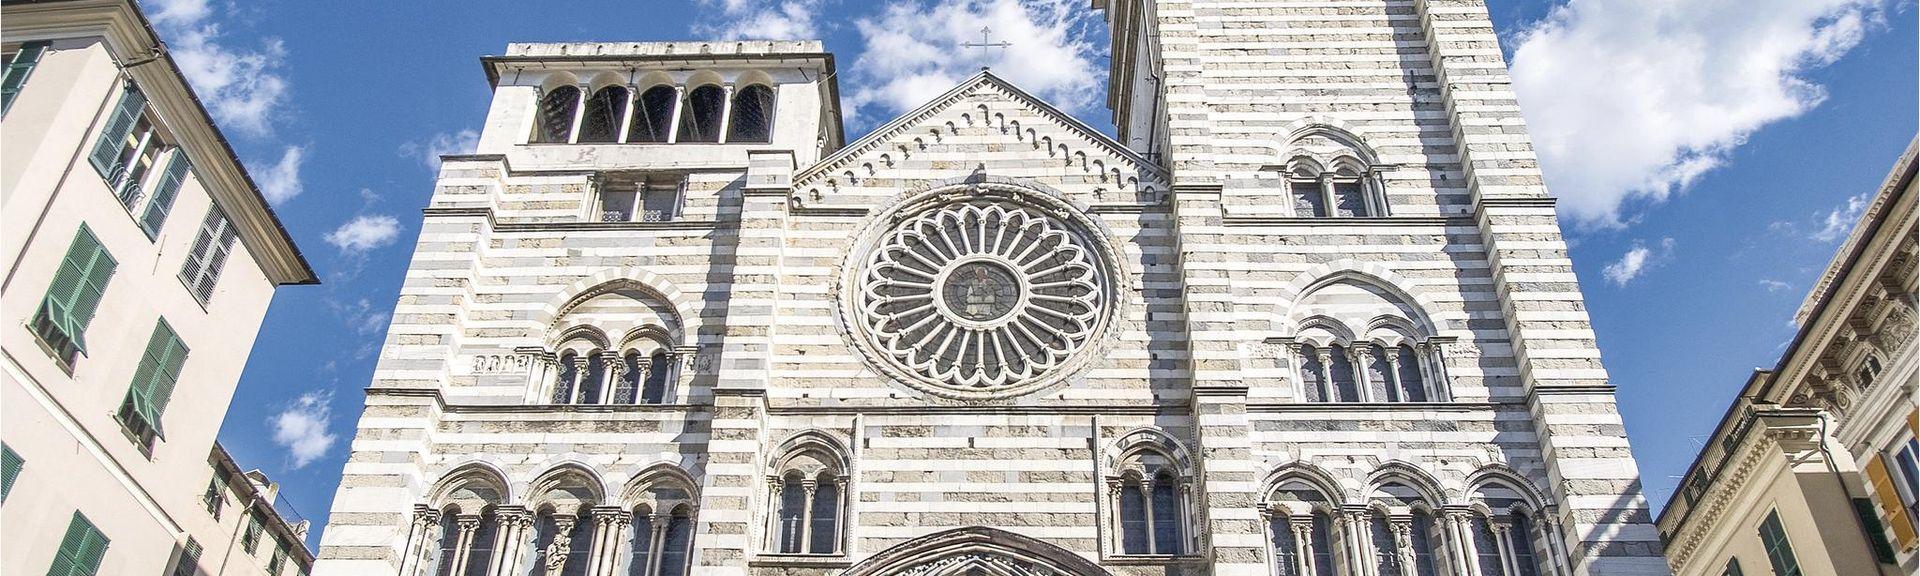 Church of St. Martin (Divo Martino), Portofino, Italy